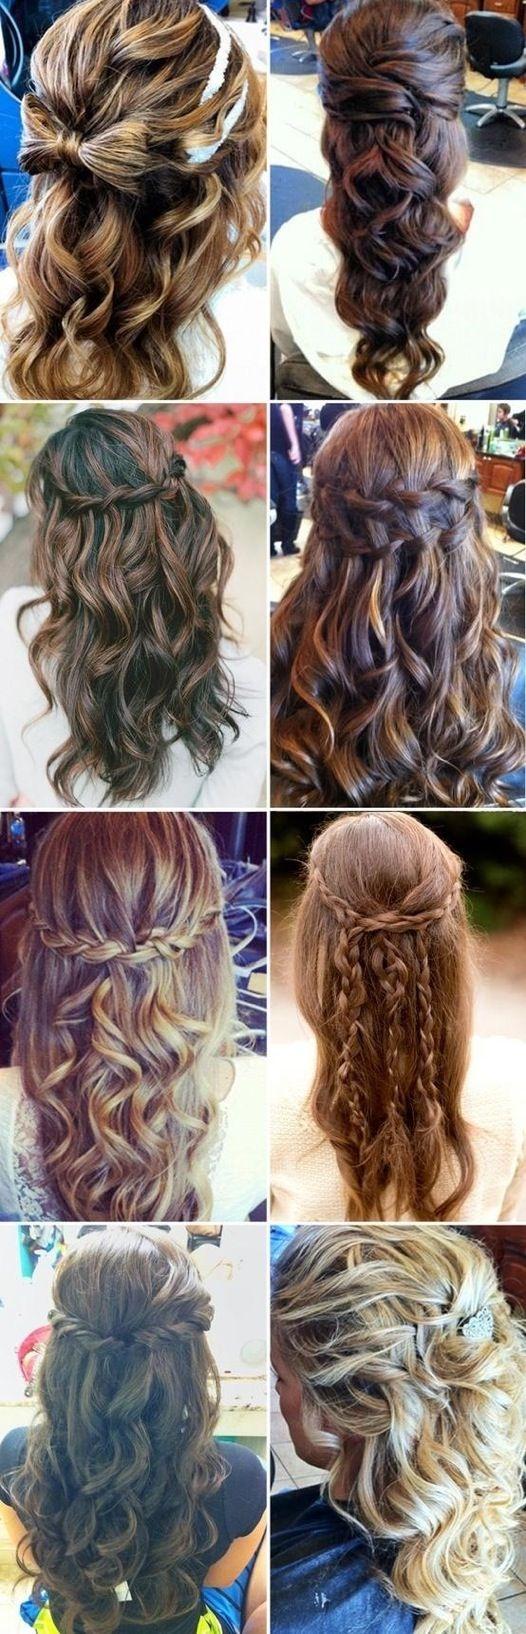 333 best hair images on pinterest